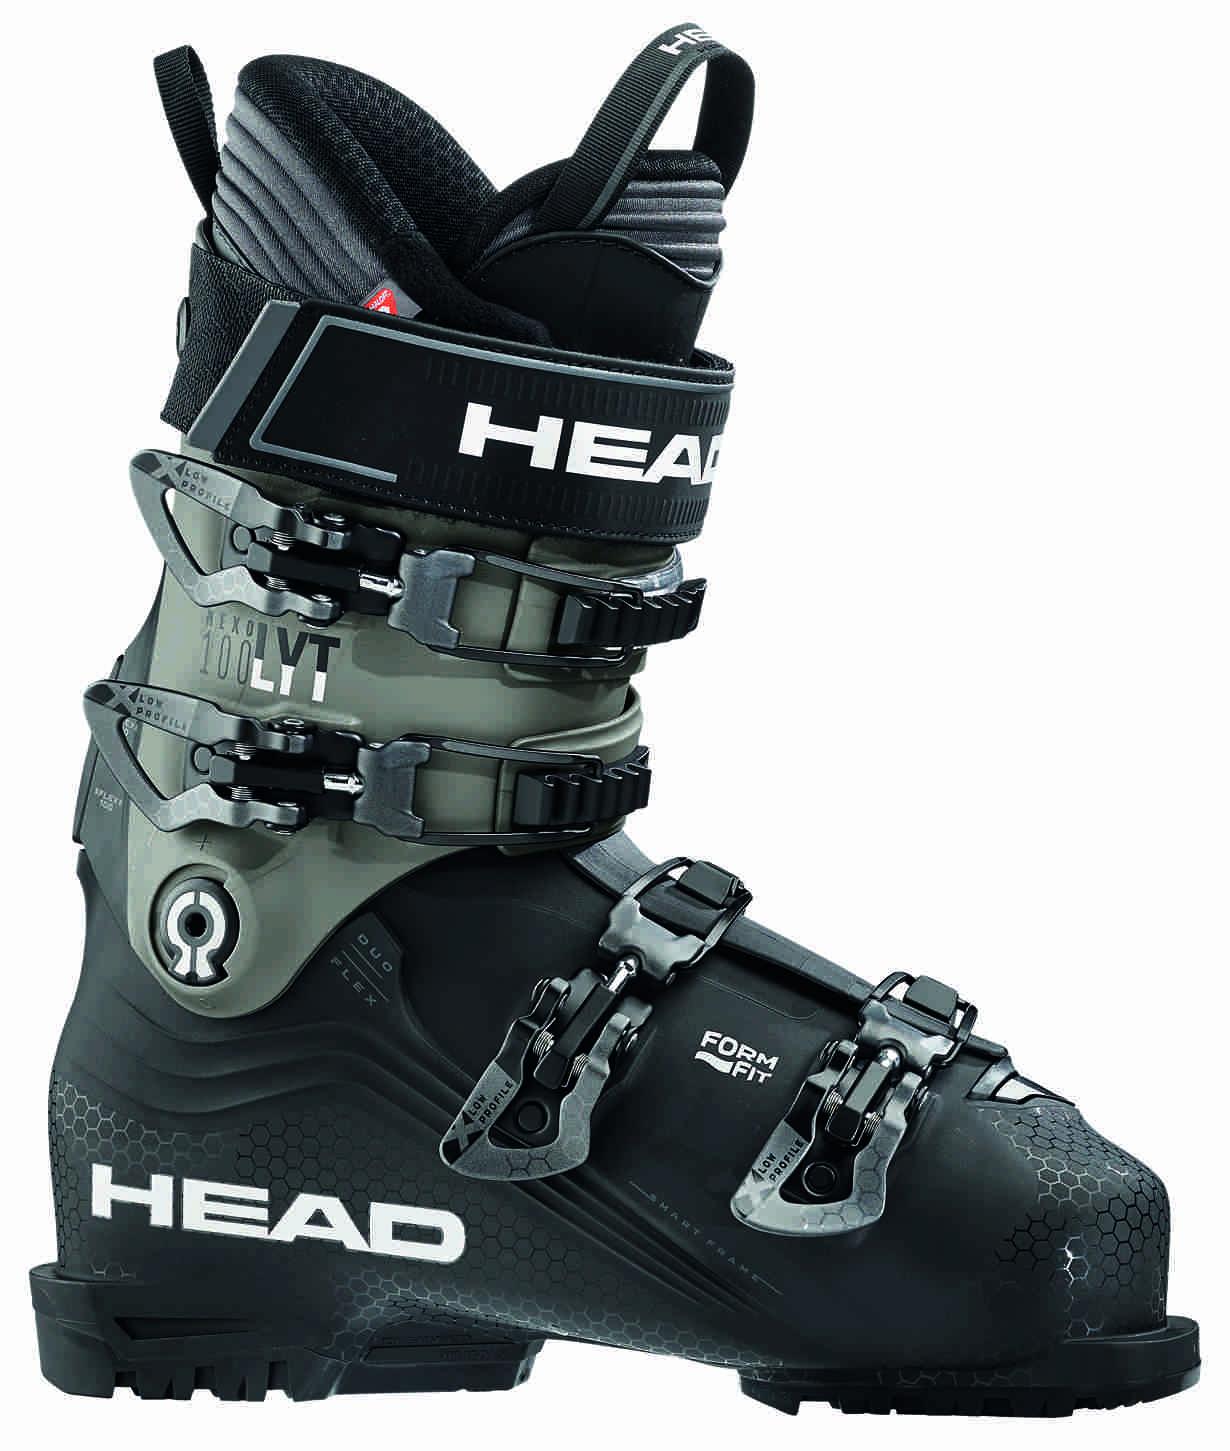 Head Ботинки горнолыжные NEXO LYT 100, размер 30 см